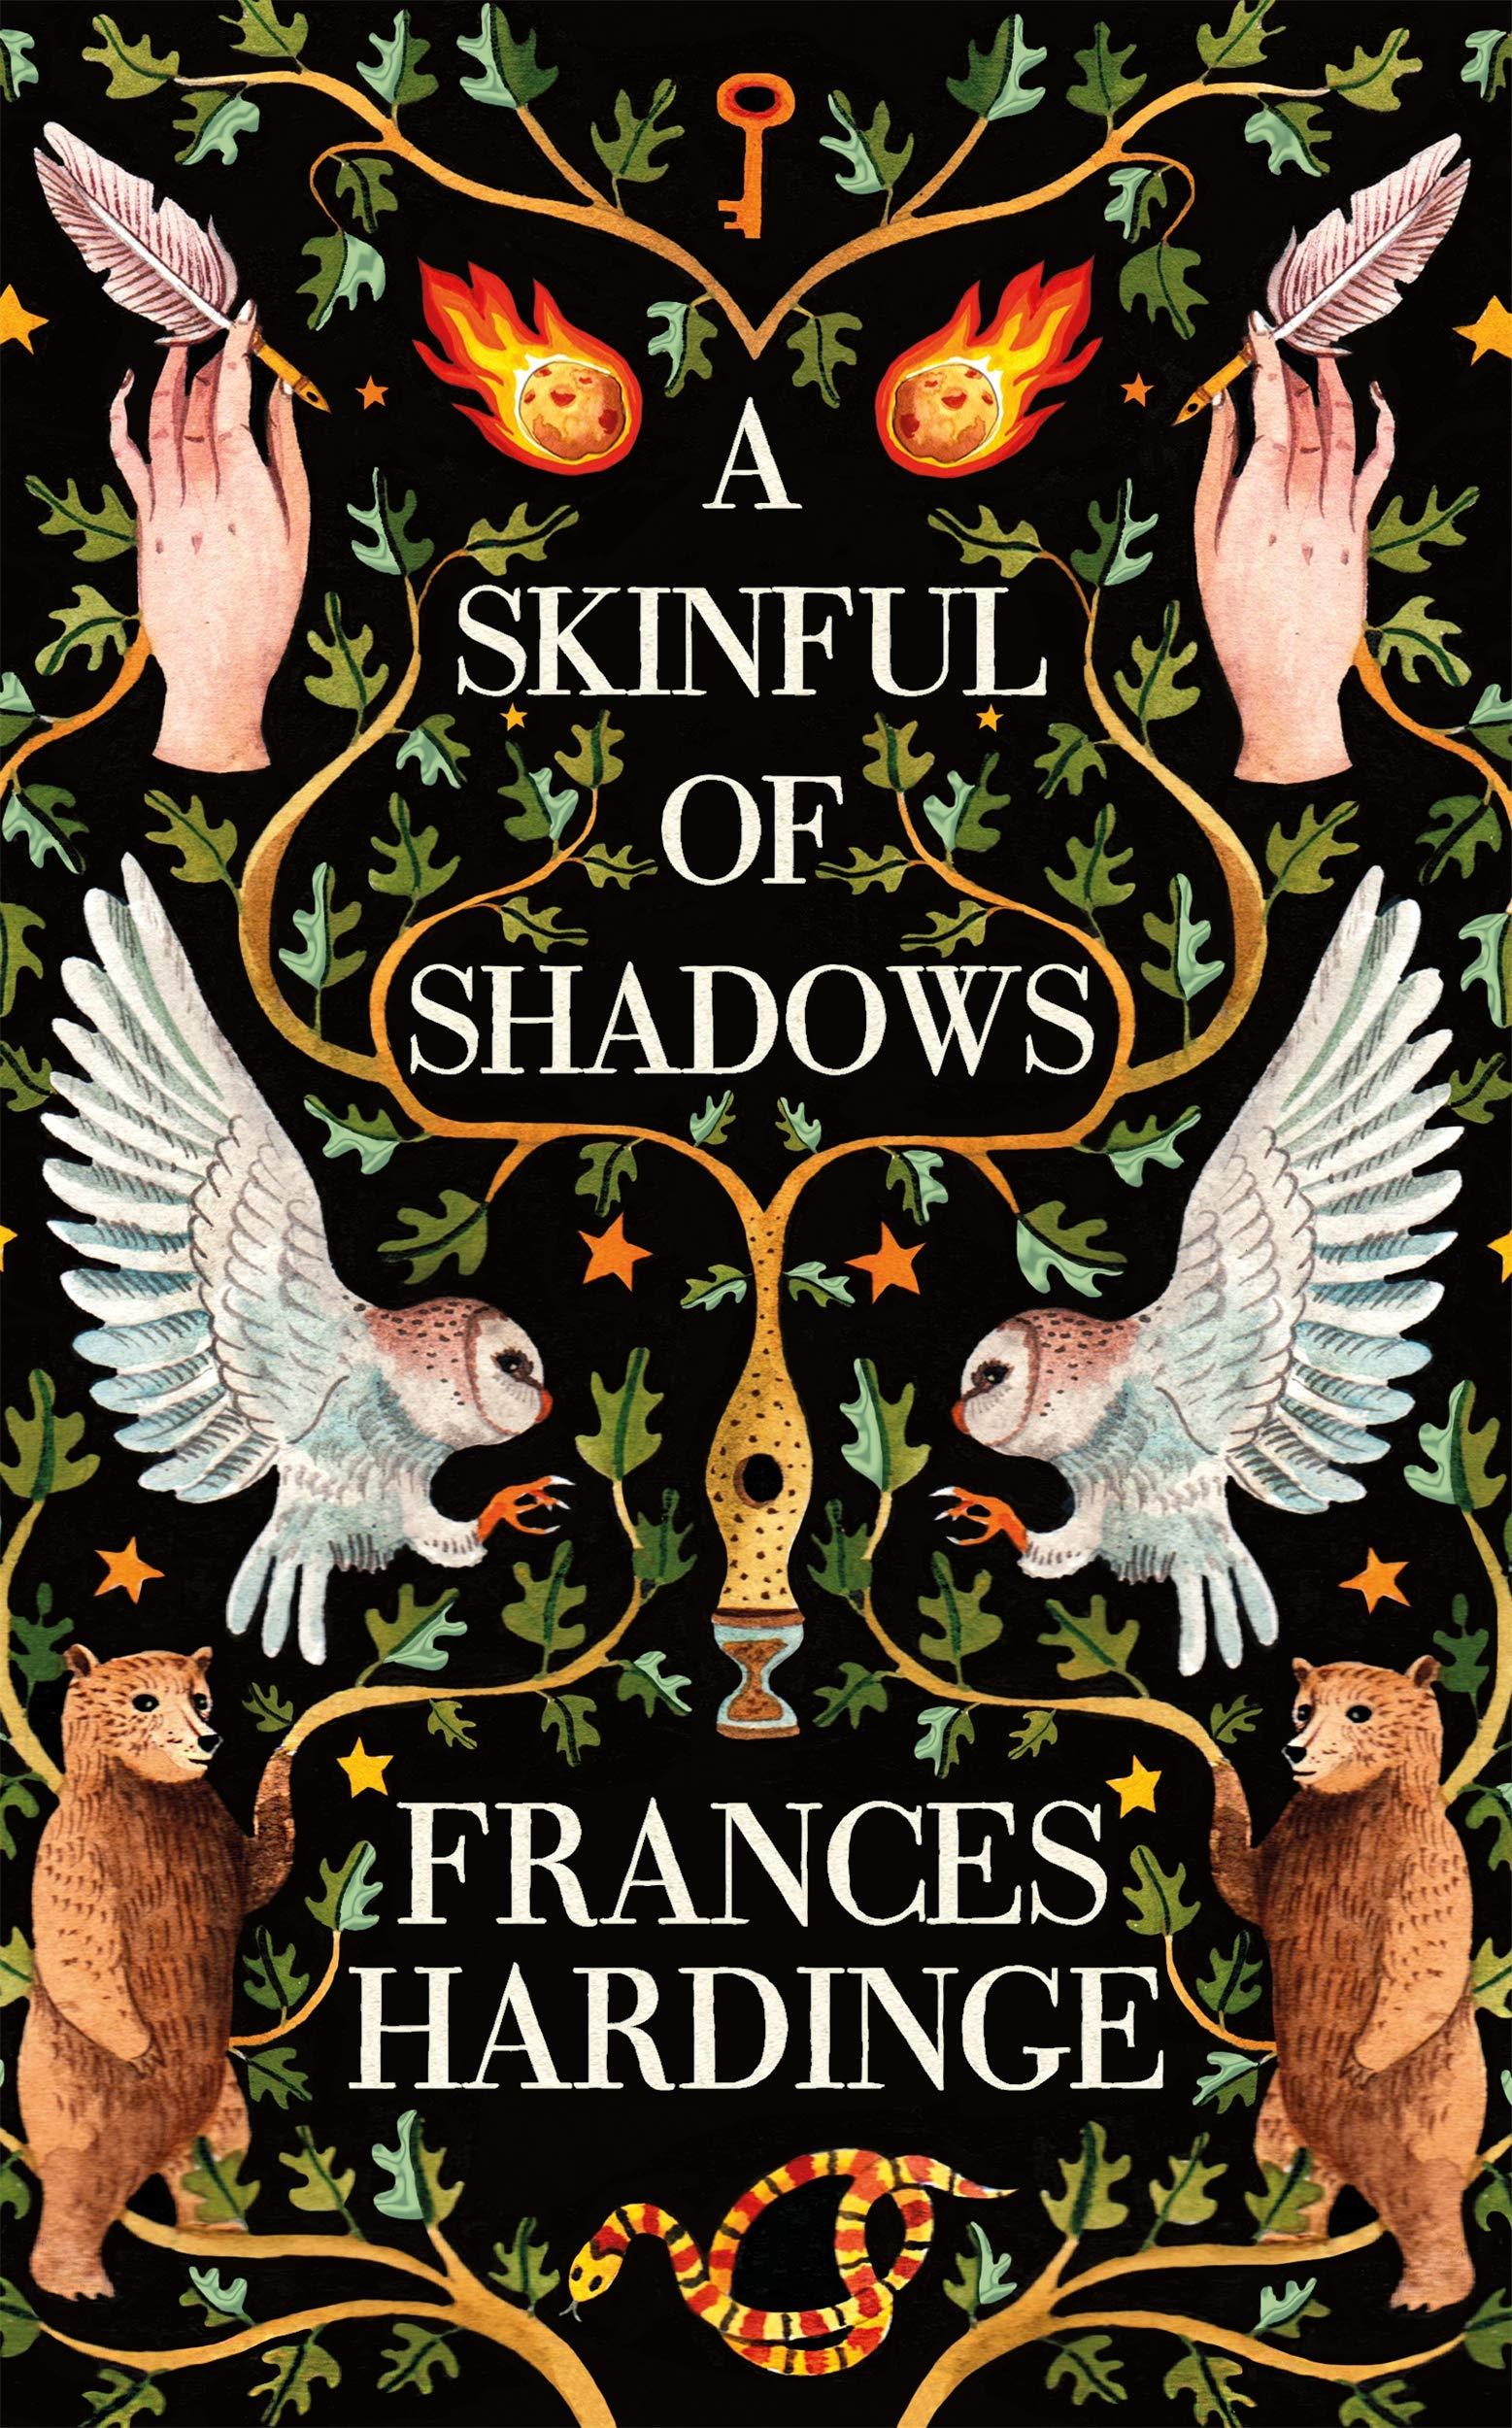 A Skinful of Shadows: Amazon.co.uk: Hardinge, Frances ...